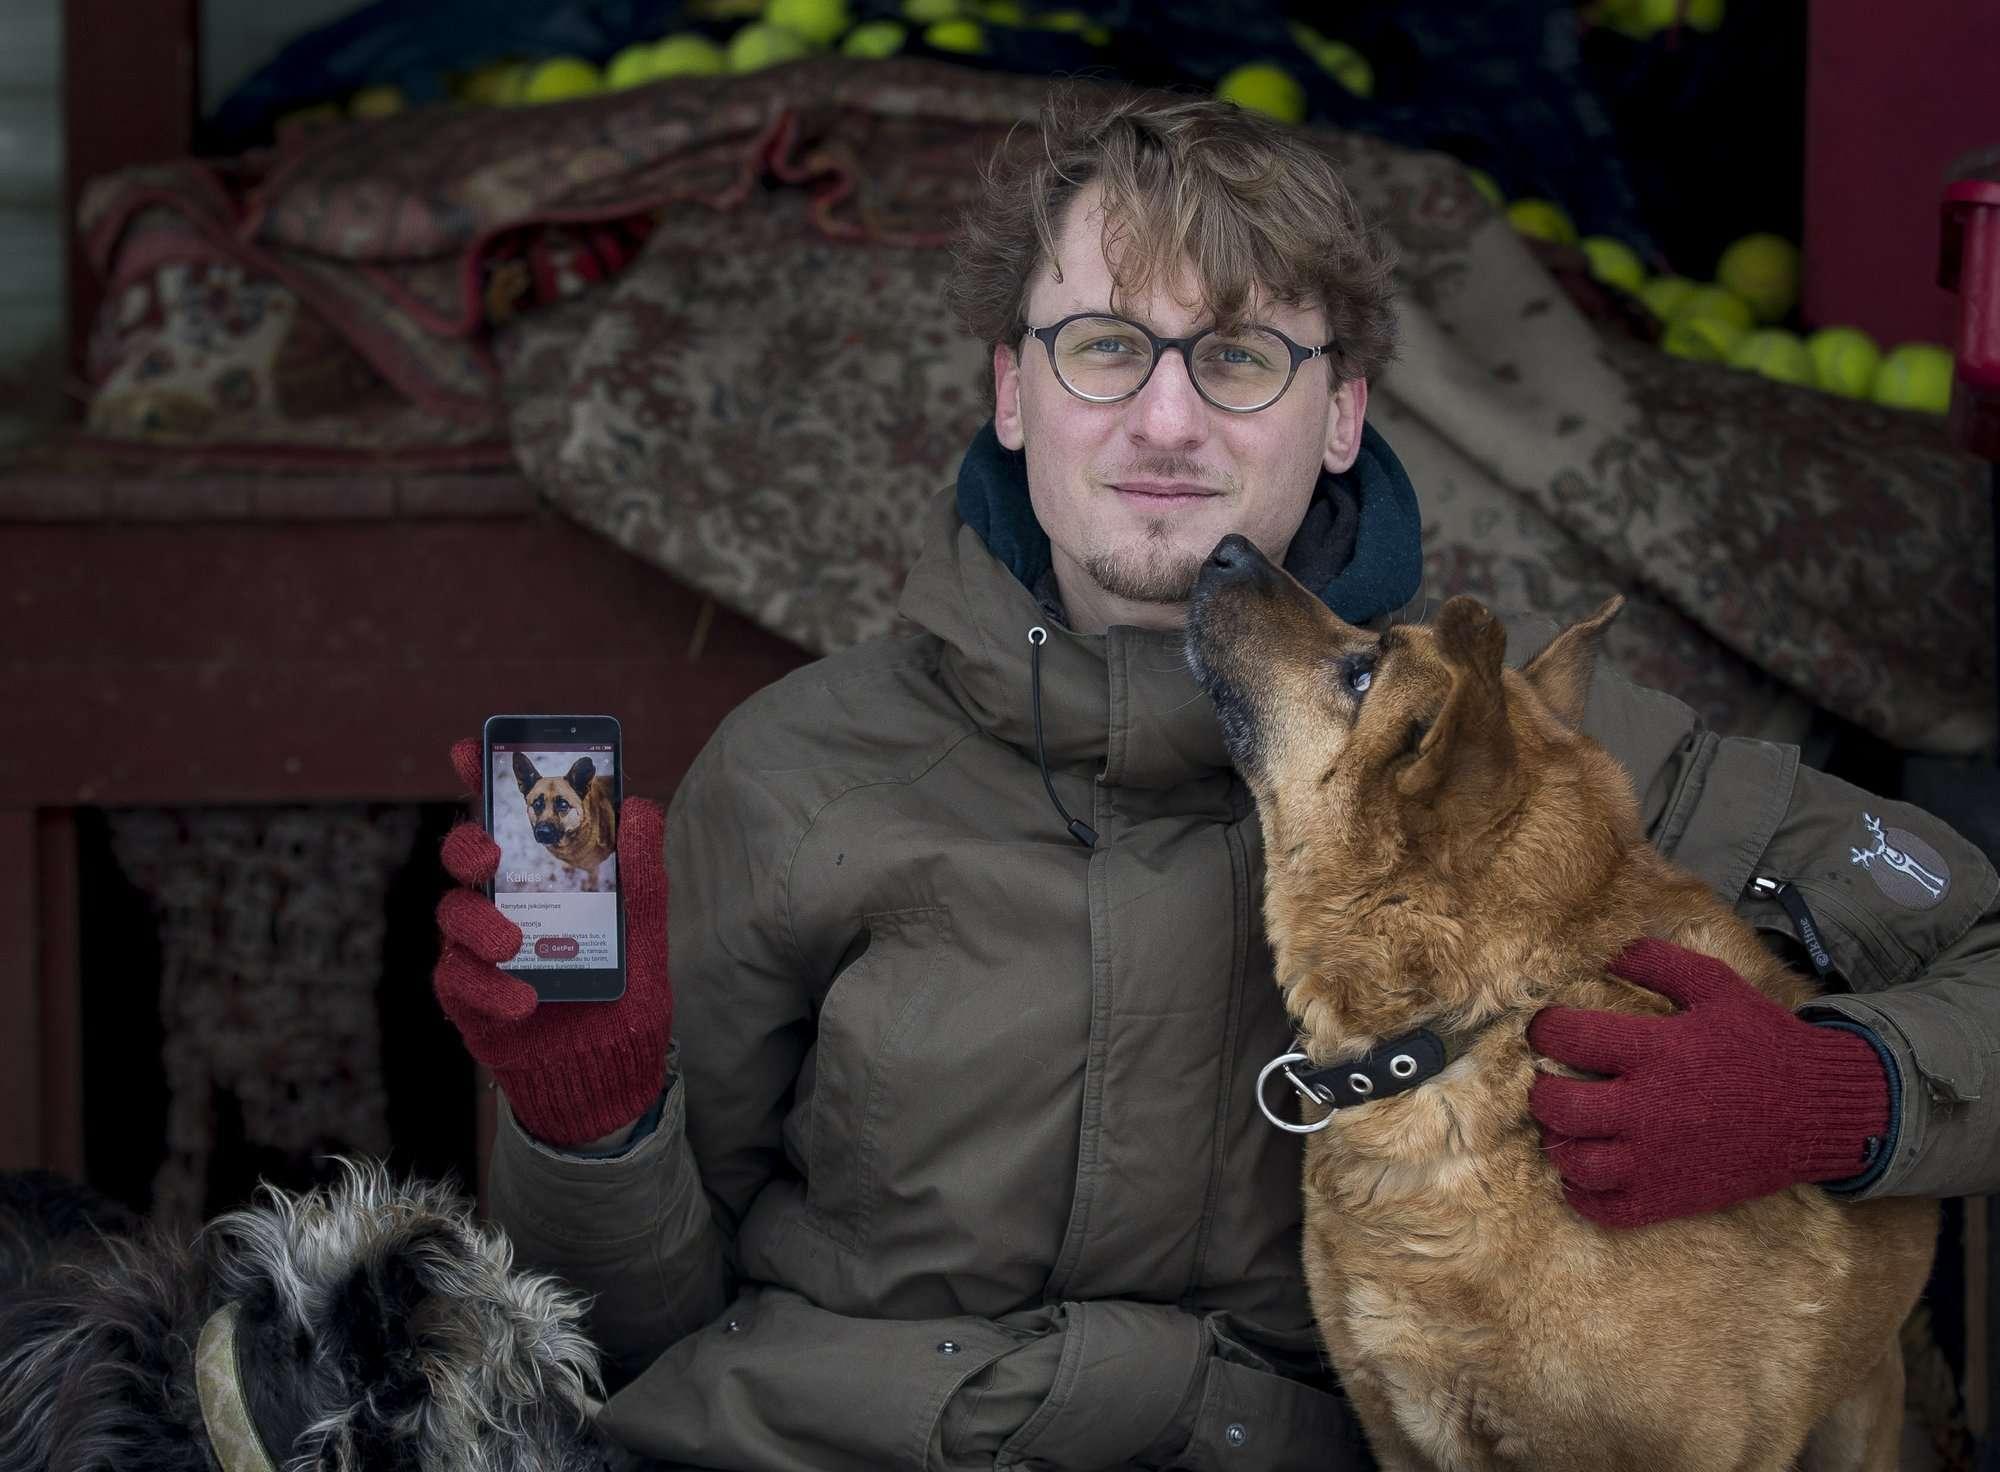 En esta foto Vaidas Gecevicius, quien desarrolló una aplicación que ayuda a hacer coincidir perros callejeros con dueños potenciales, posa para una foto con un perro y muestra el perfil de este perro en la aplicación en Vilnius, Lituania. AP